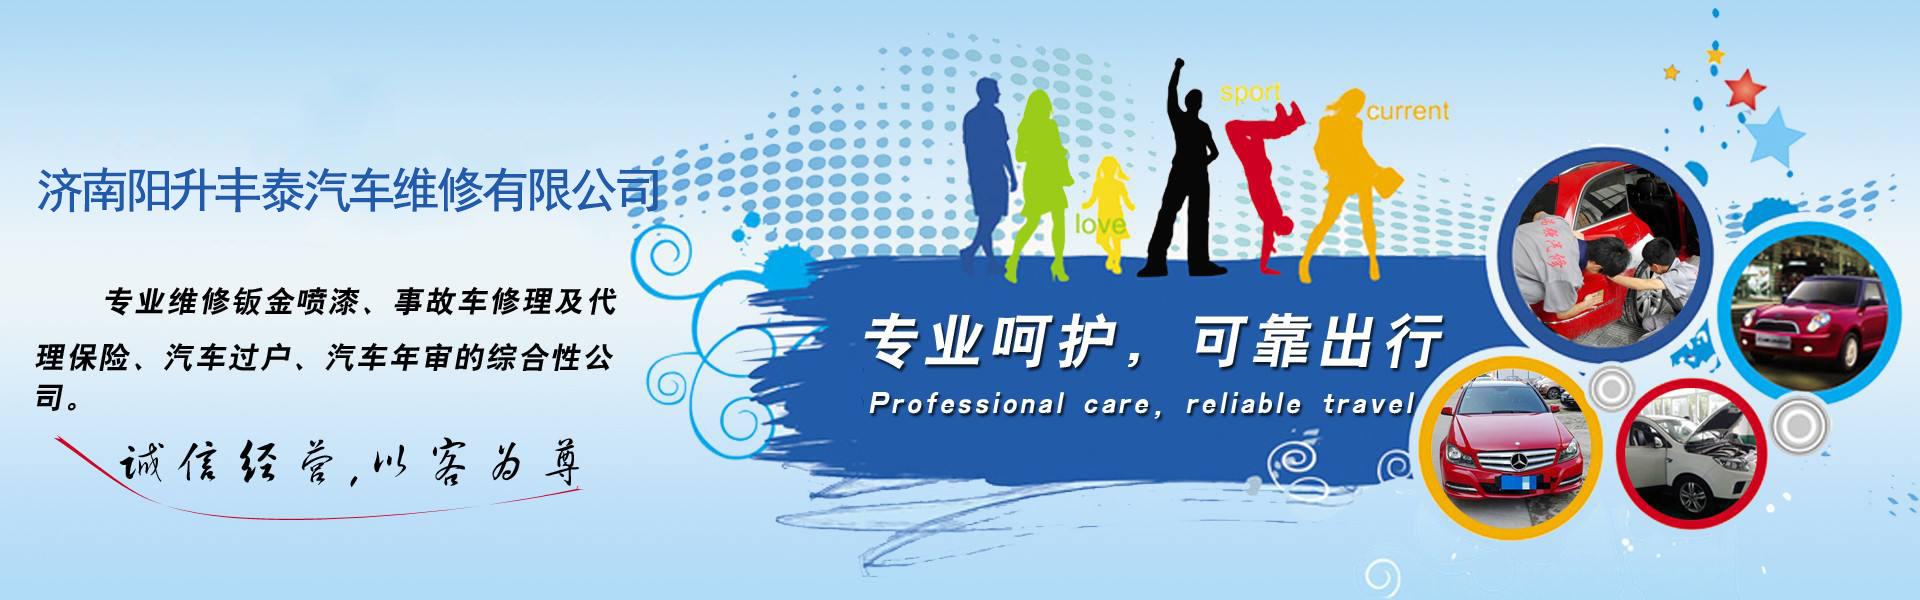 济南阳升丰泰汽车维修有限公司公司主要经营:机动车维修;批发、零售:汽车及配件、摩托车及配件、汽车装具